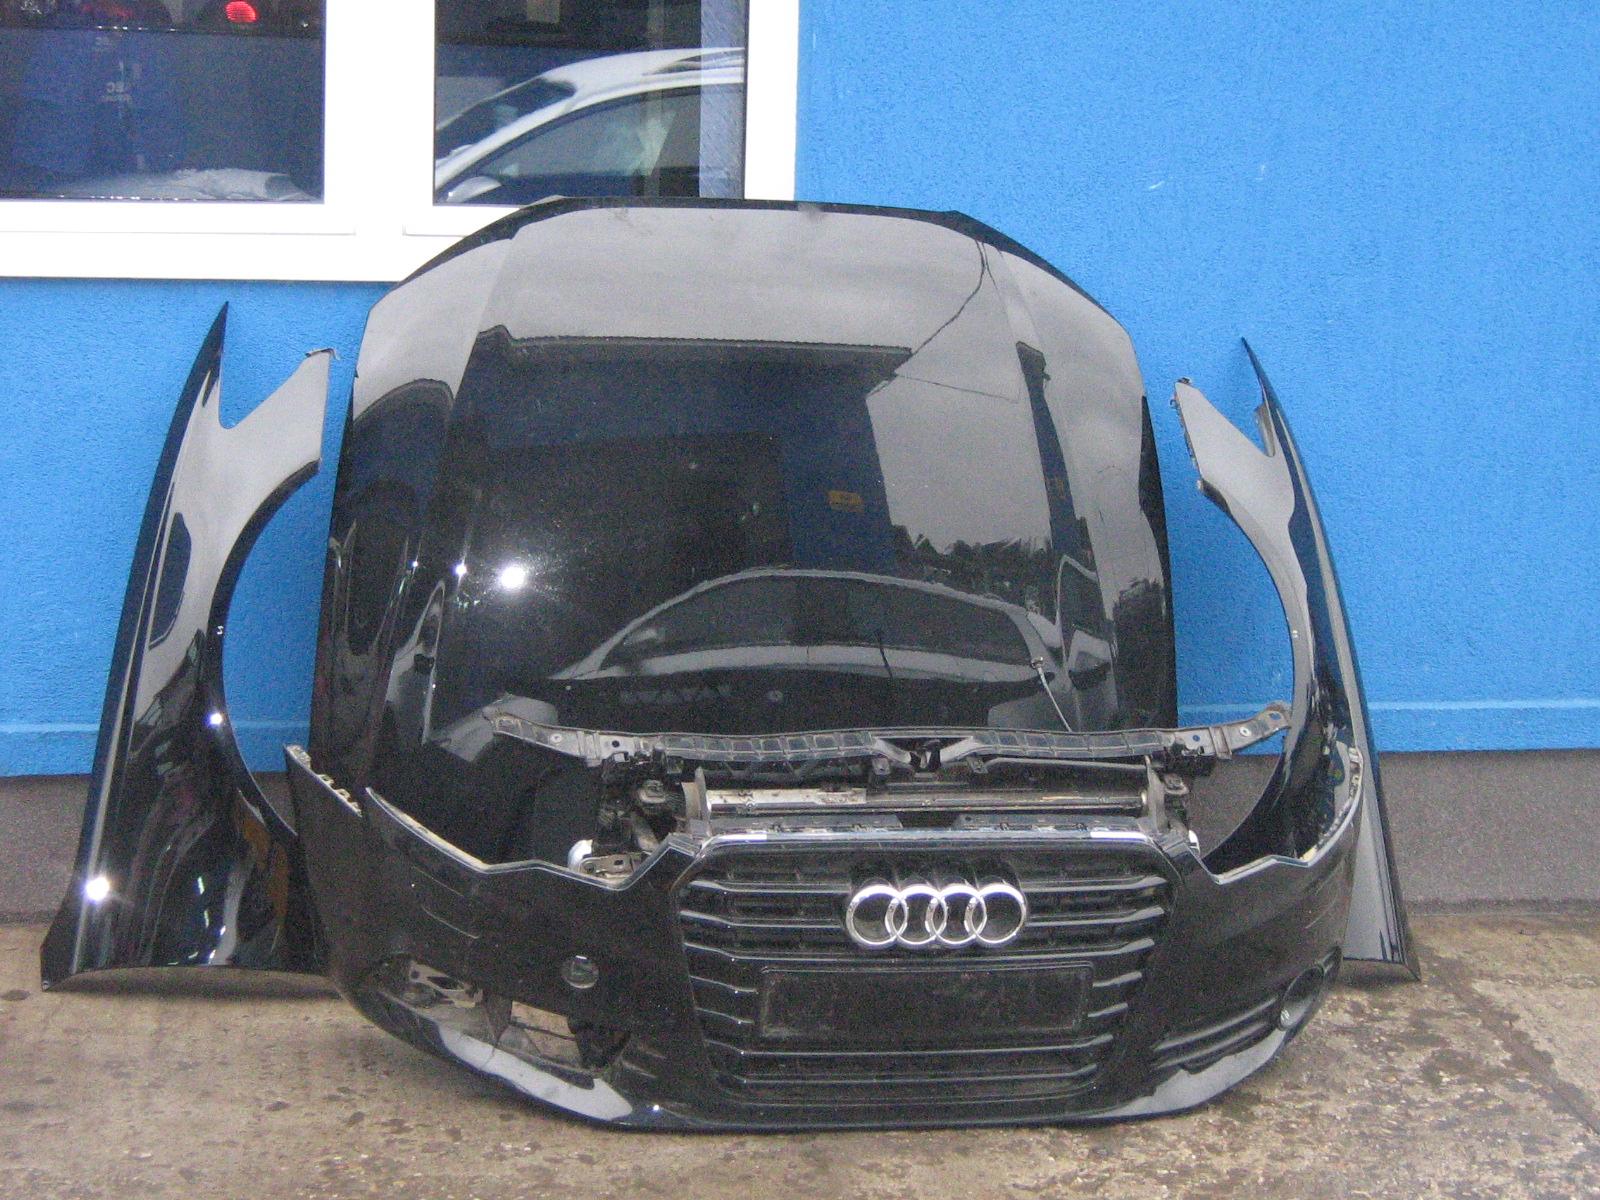 Aripa fata Audi A6 - 11 Ianuarie 2012 - Poza 1